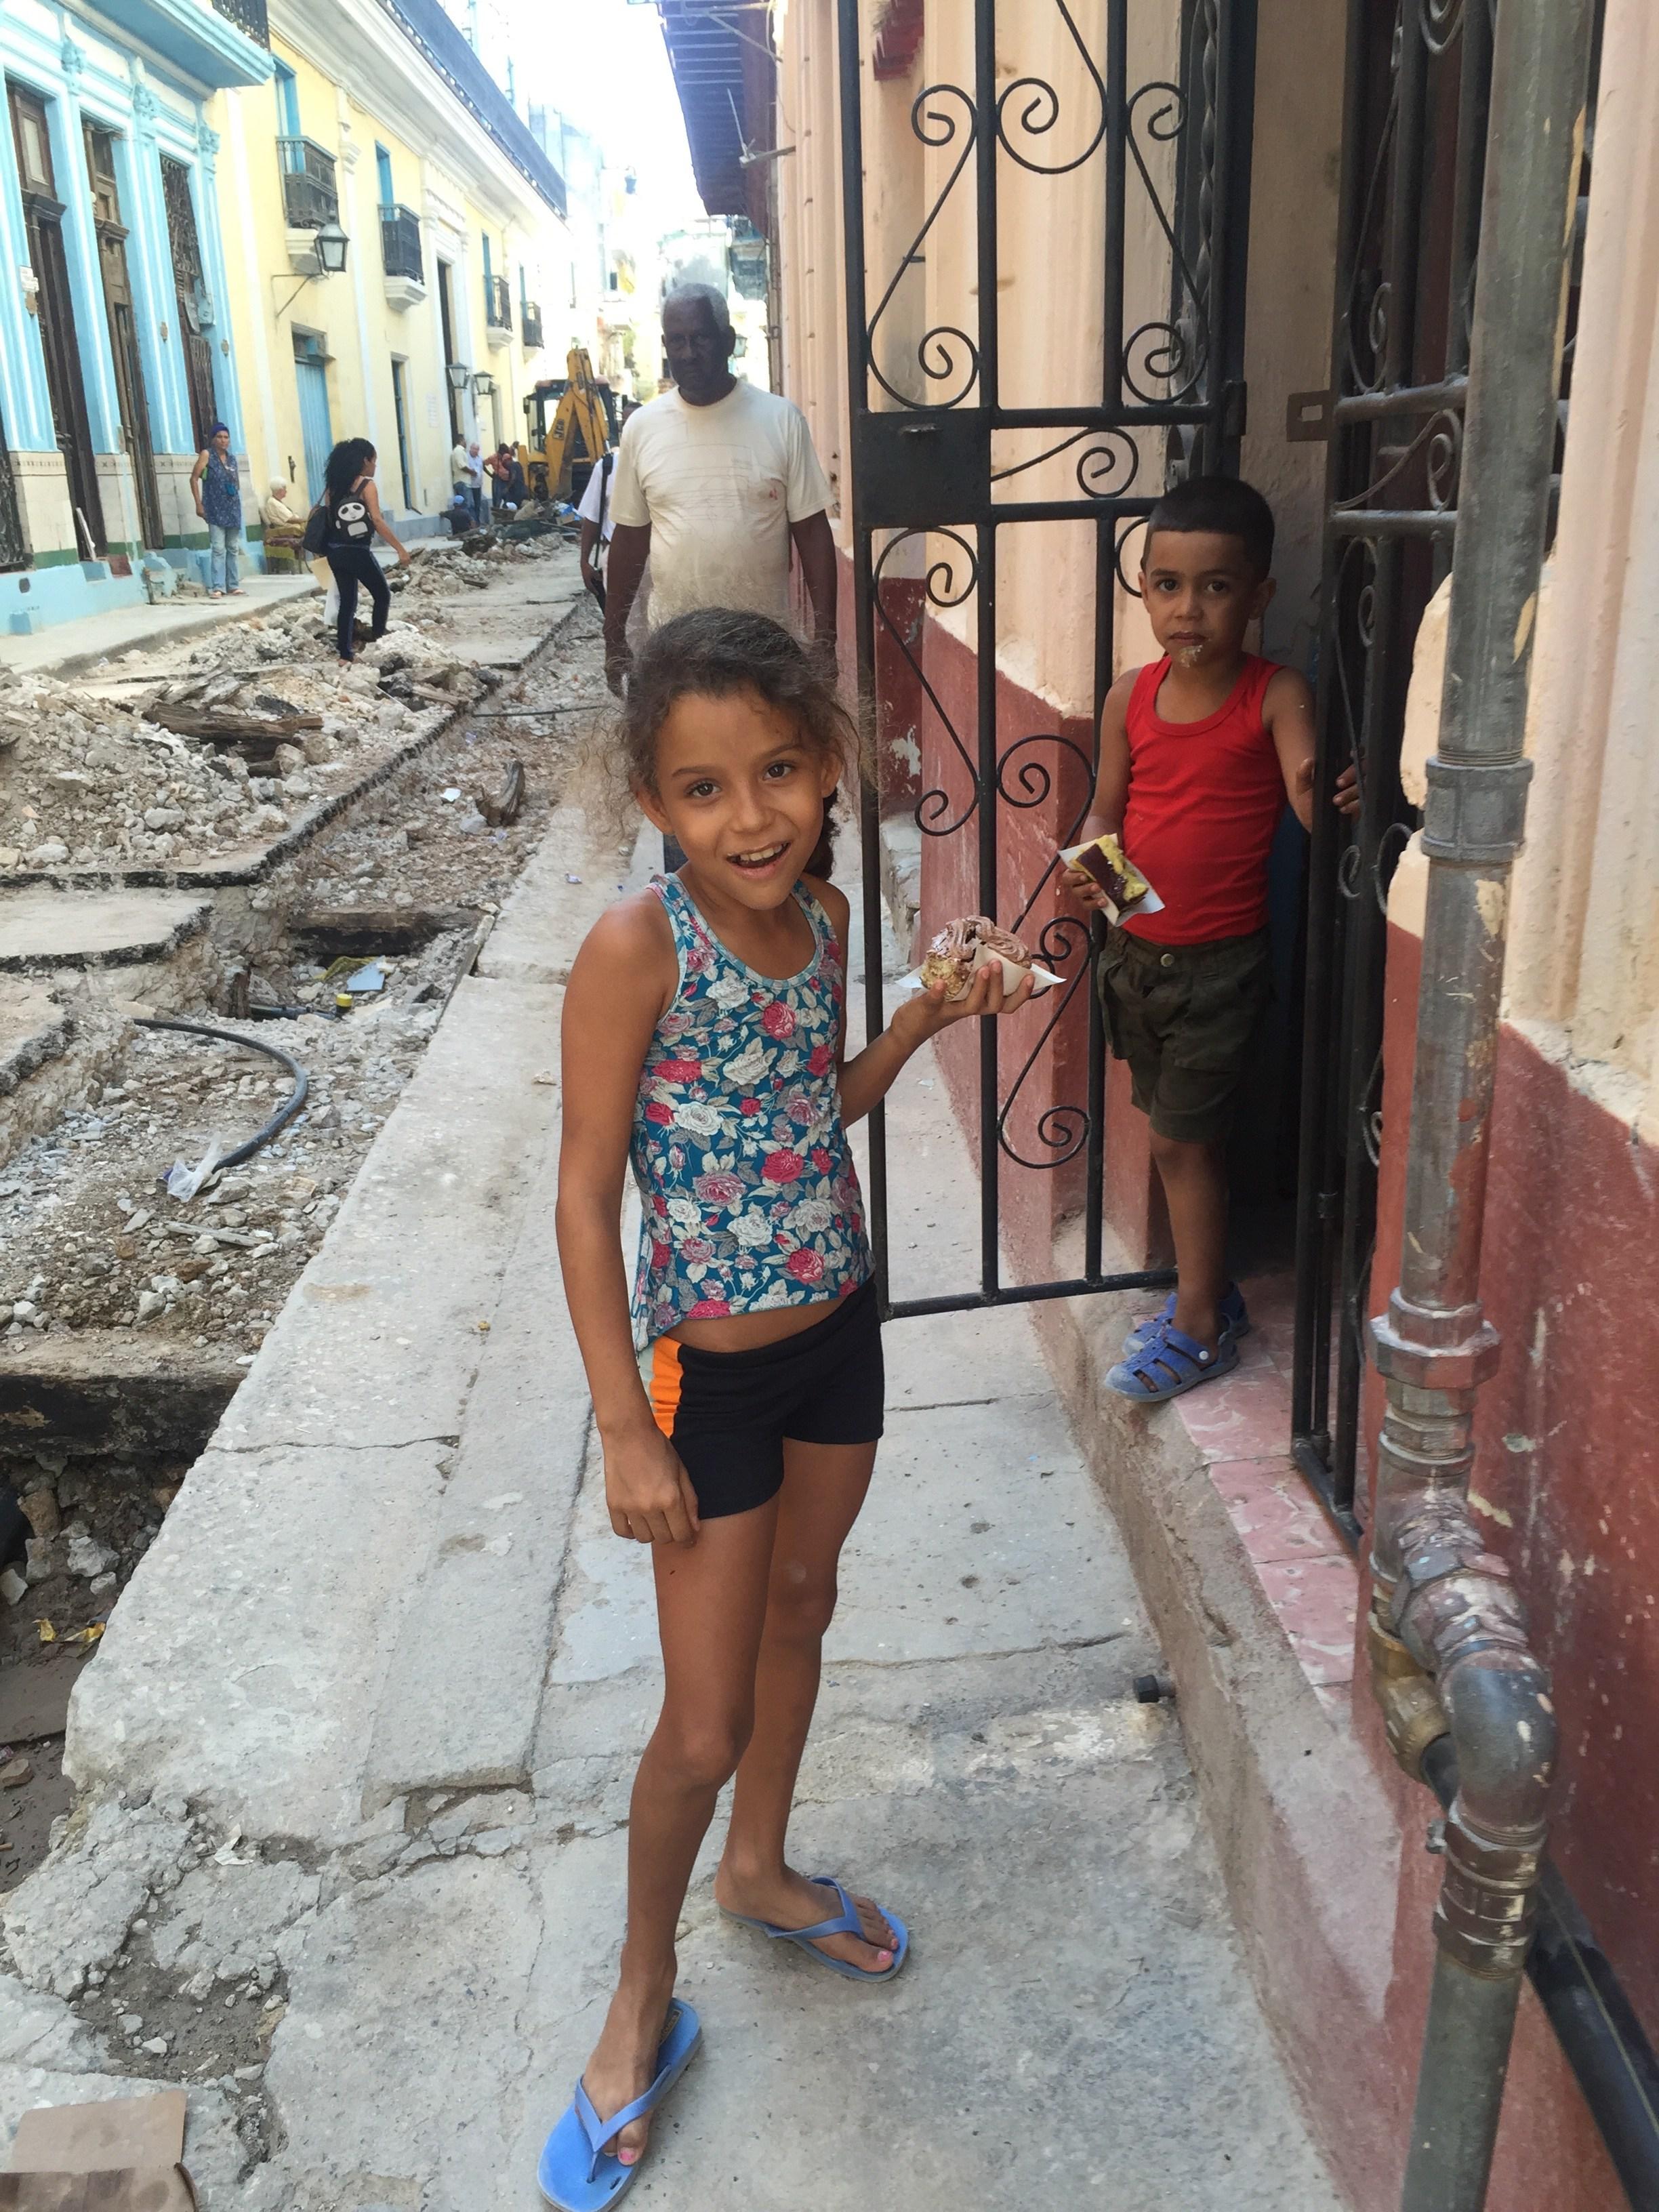 She Smiles Back (Havana, 21 May 2015) Photo creditEmmy Scharlatt; Copyright © Emmy Scharlatt, 2015